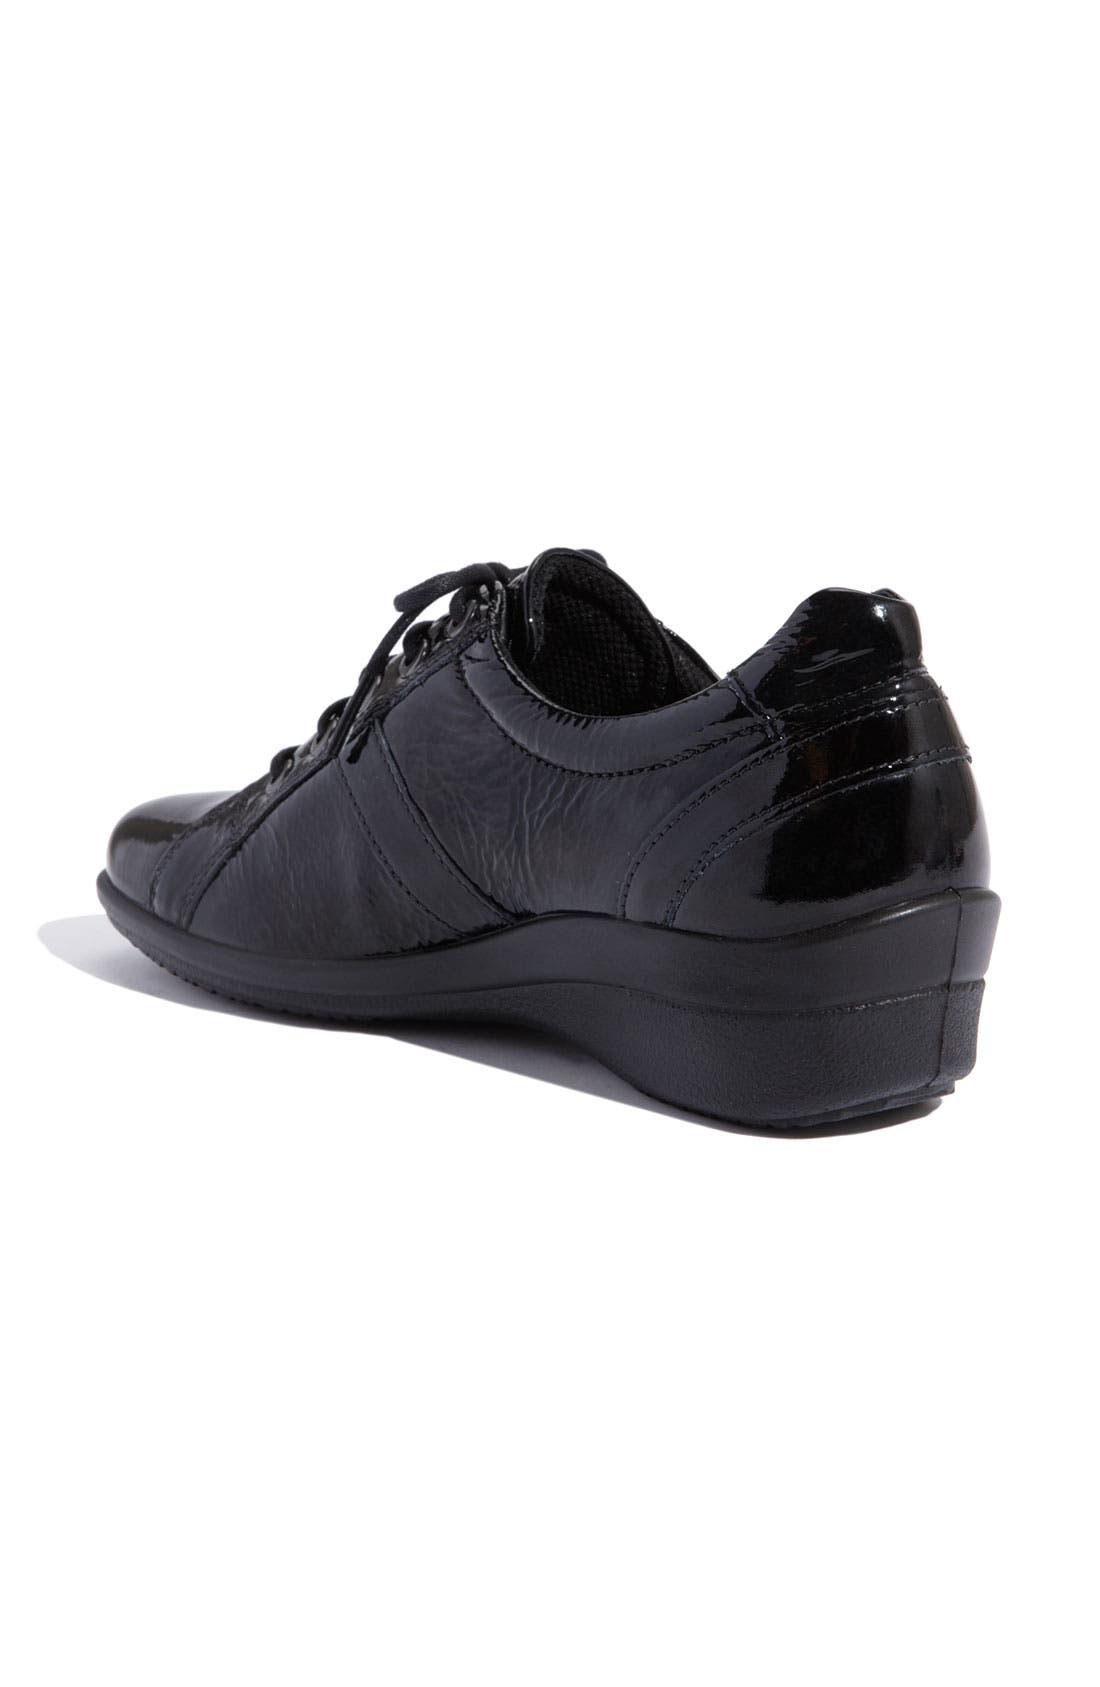 Alternate Image 2  - ECCO 'Corse Tie' Sneaker